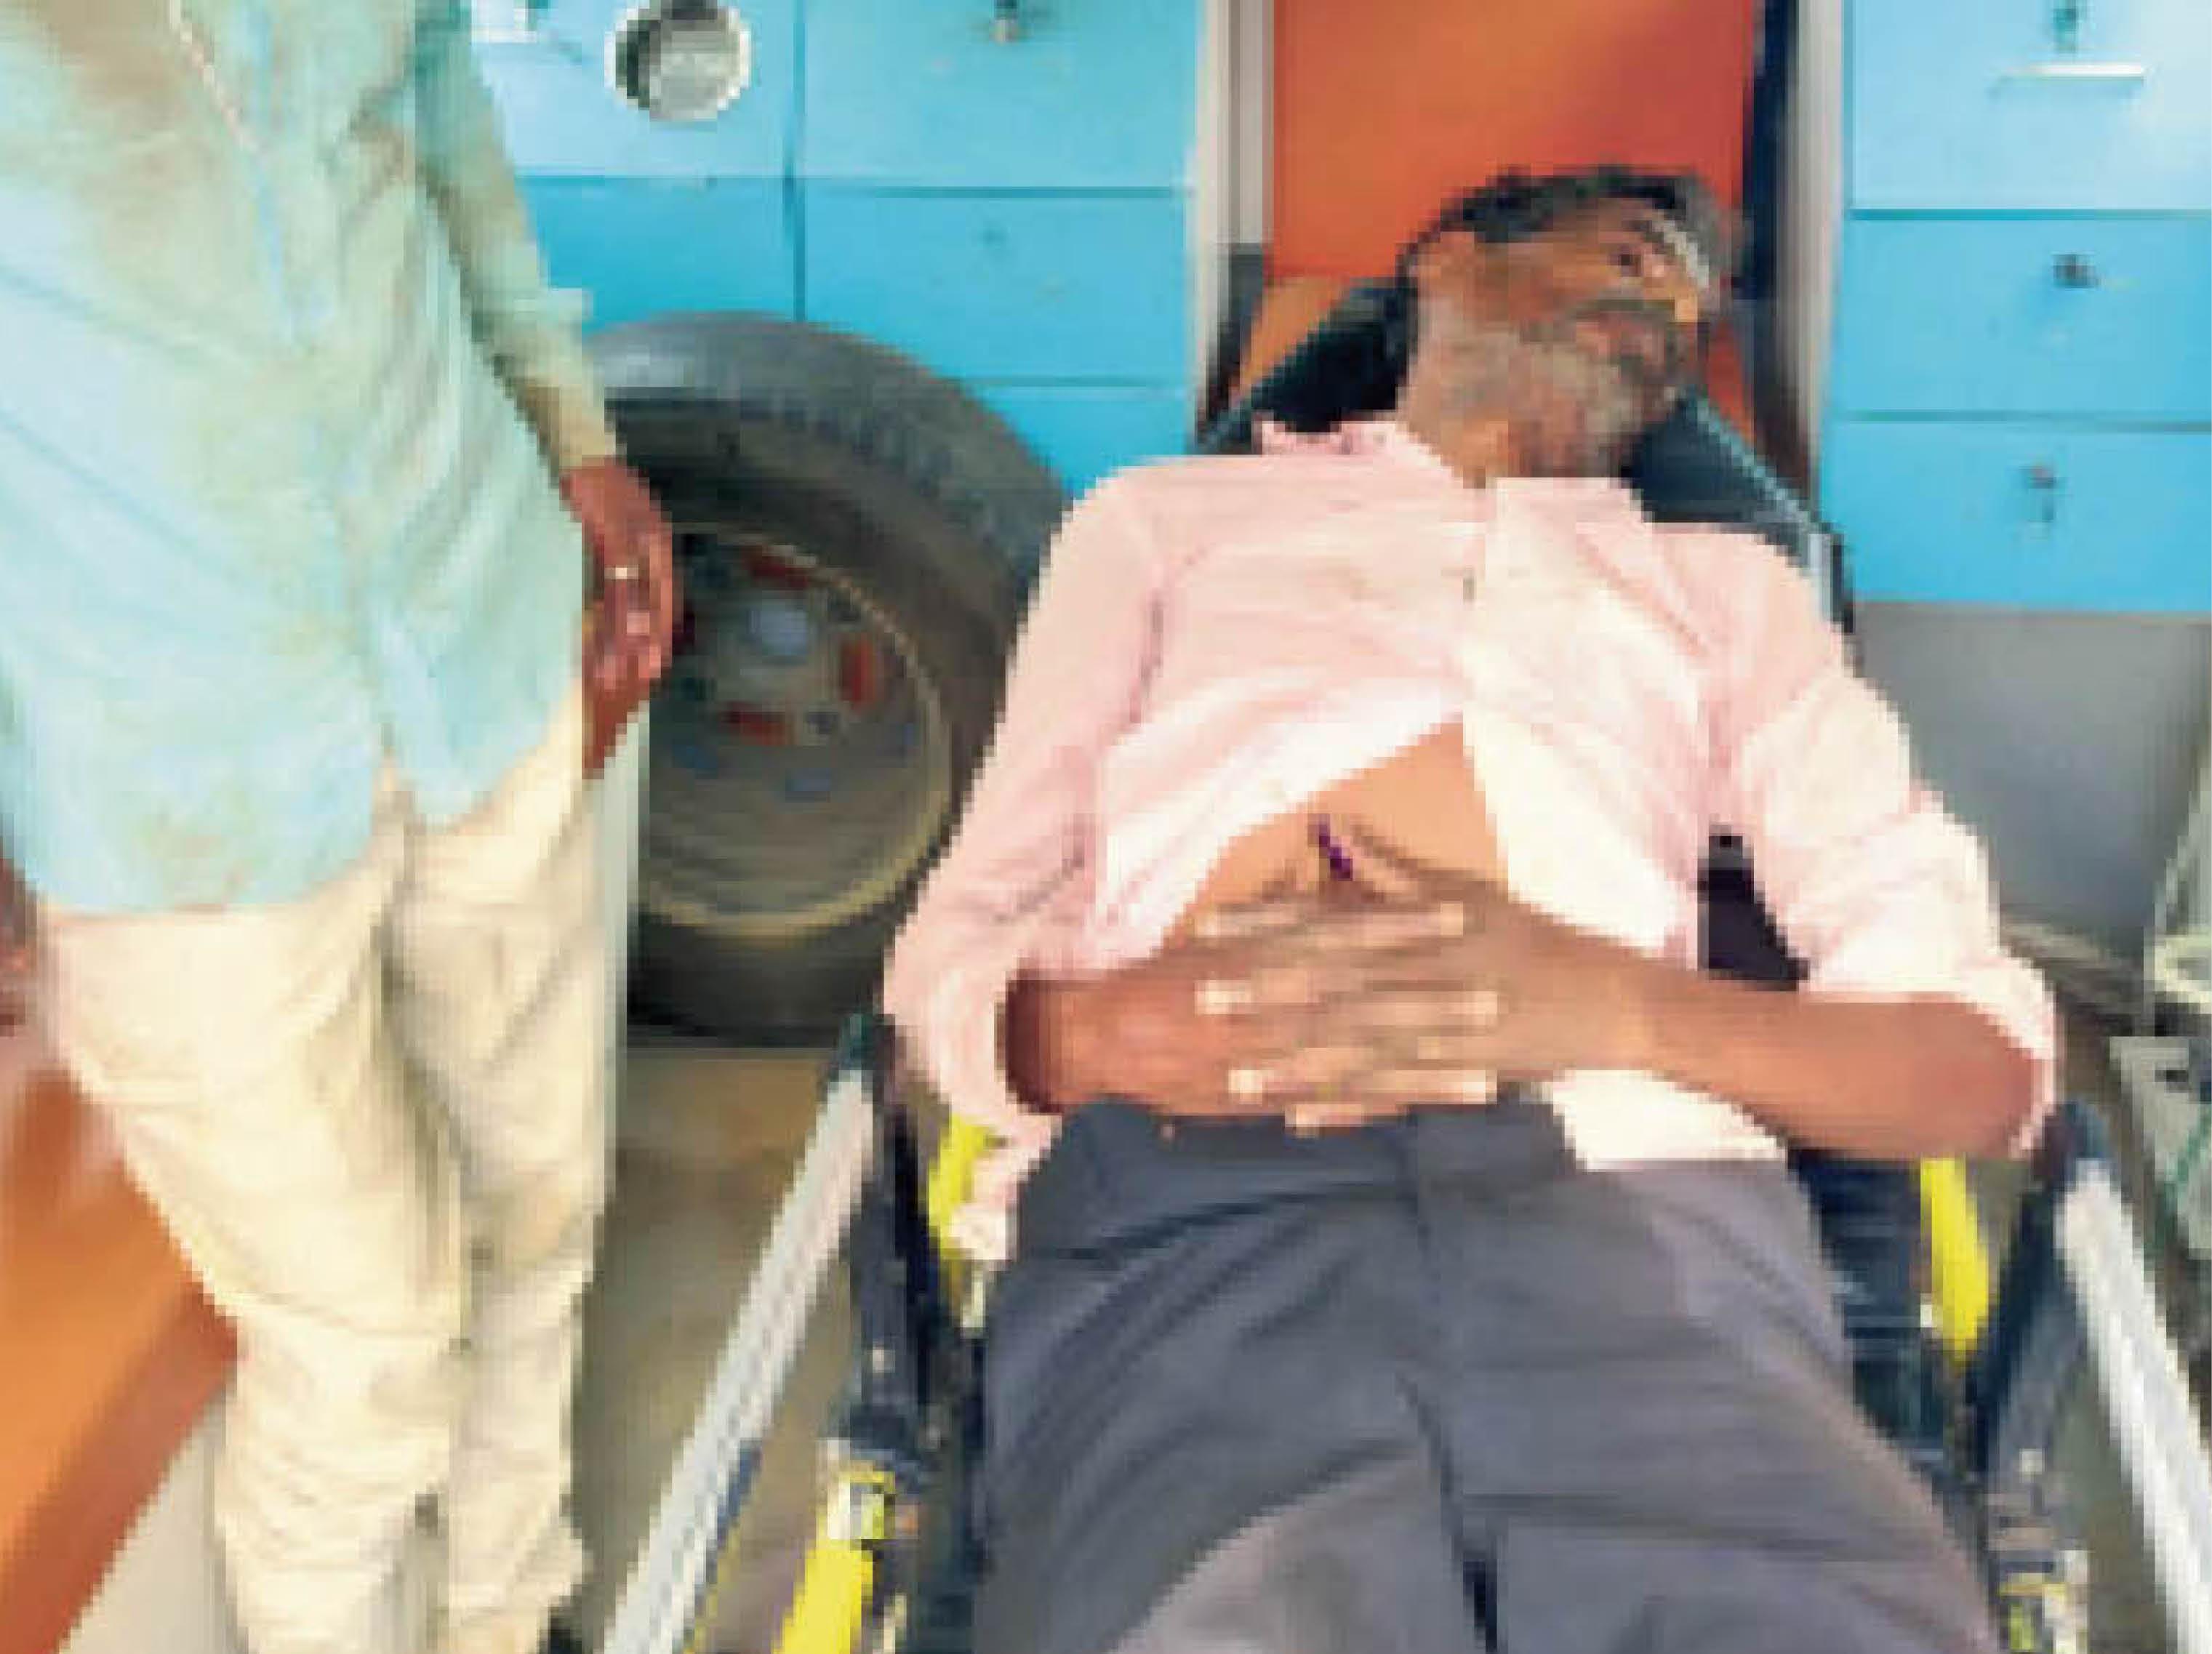 जुल्म की पंचायत... ओझागुनी का आरोप लगा दो लोगों को रस्सी से बांधकर पीटा, एक की मौत|गढ़वा,Garhwa - Dainik Bhaskar